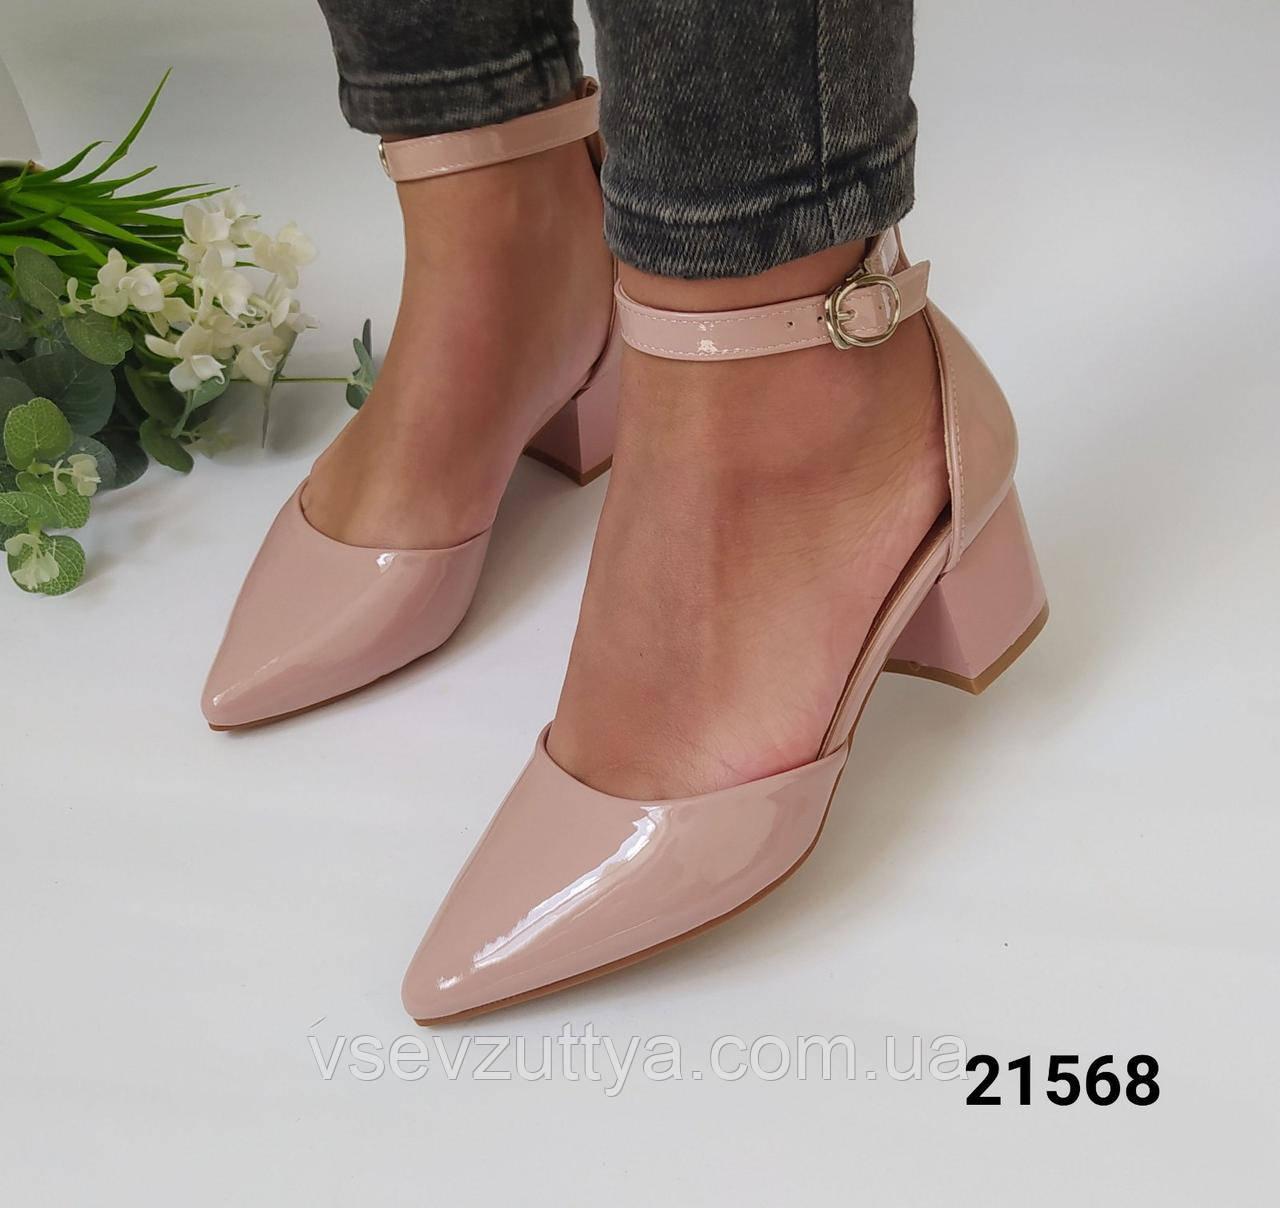 Лакові туфлі пудрові жіночі на каблуку